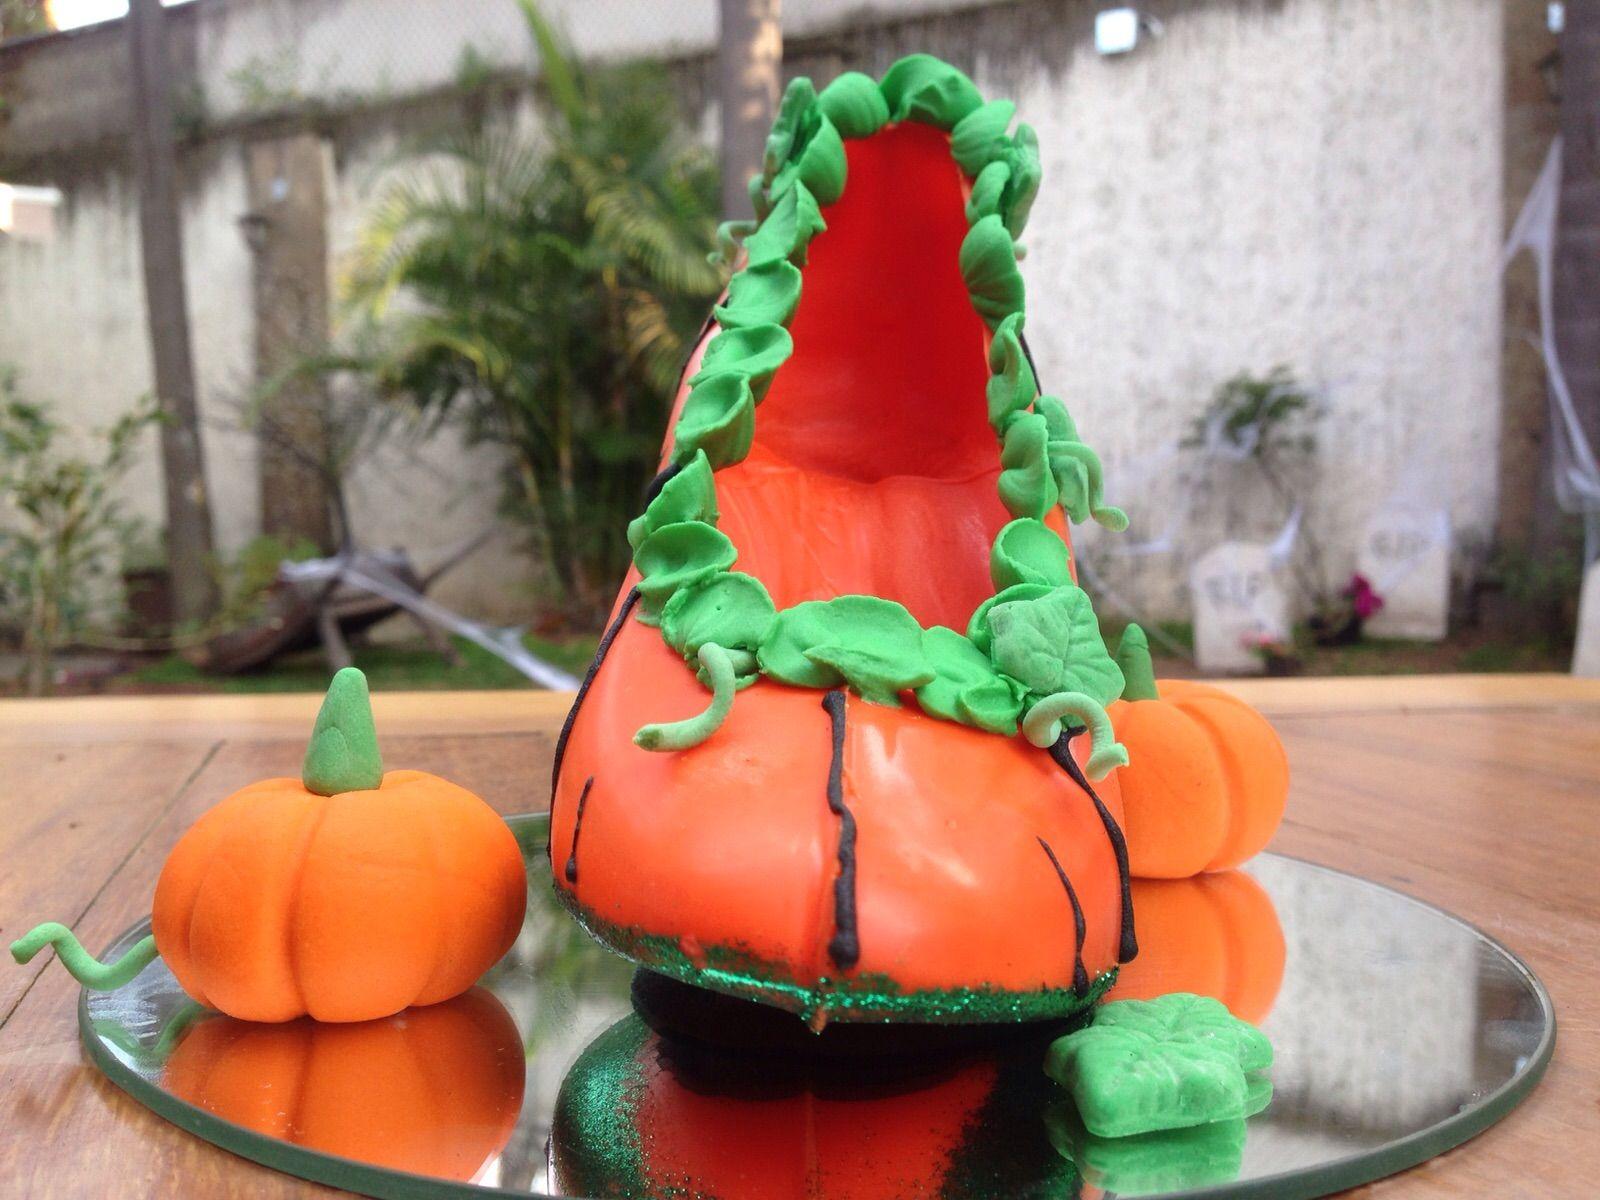 COSECHA DE OTOÑO en Monster Rose. Zapatillas de chocolate especial de Halloween. www.lamansionrosa.com